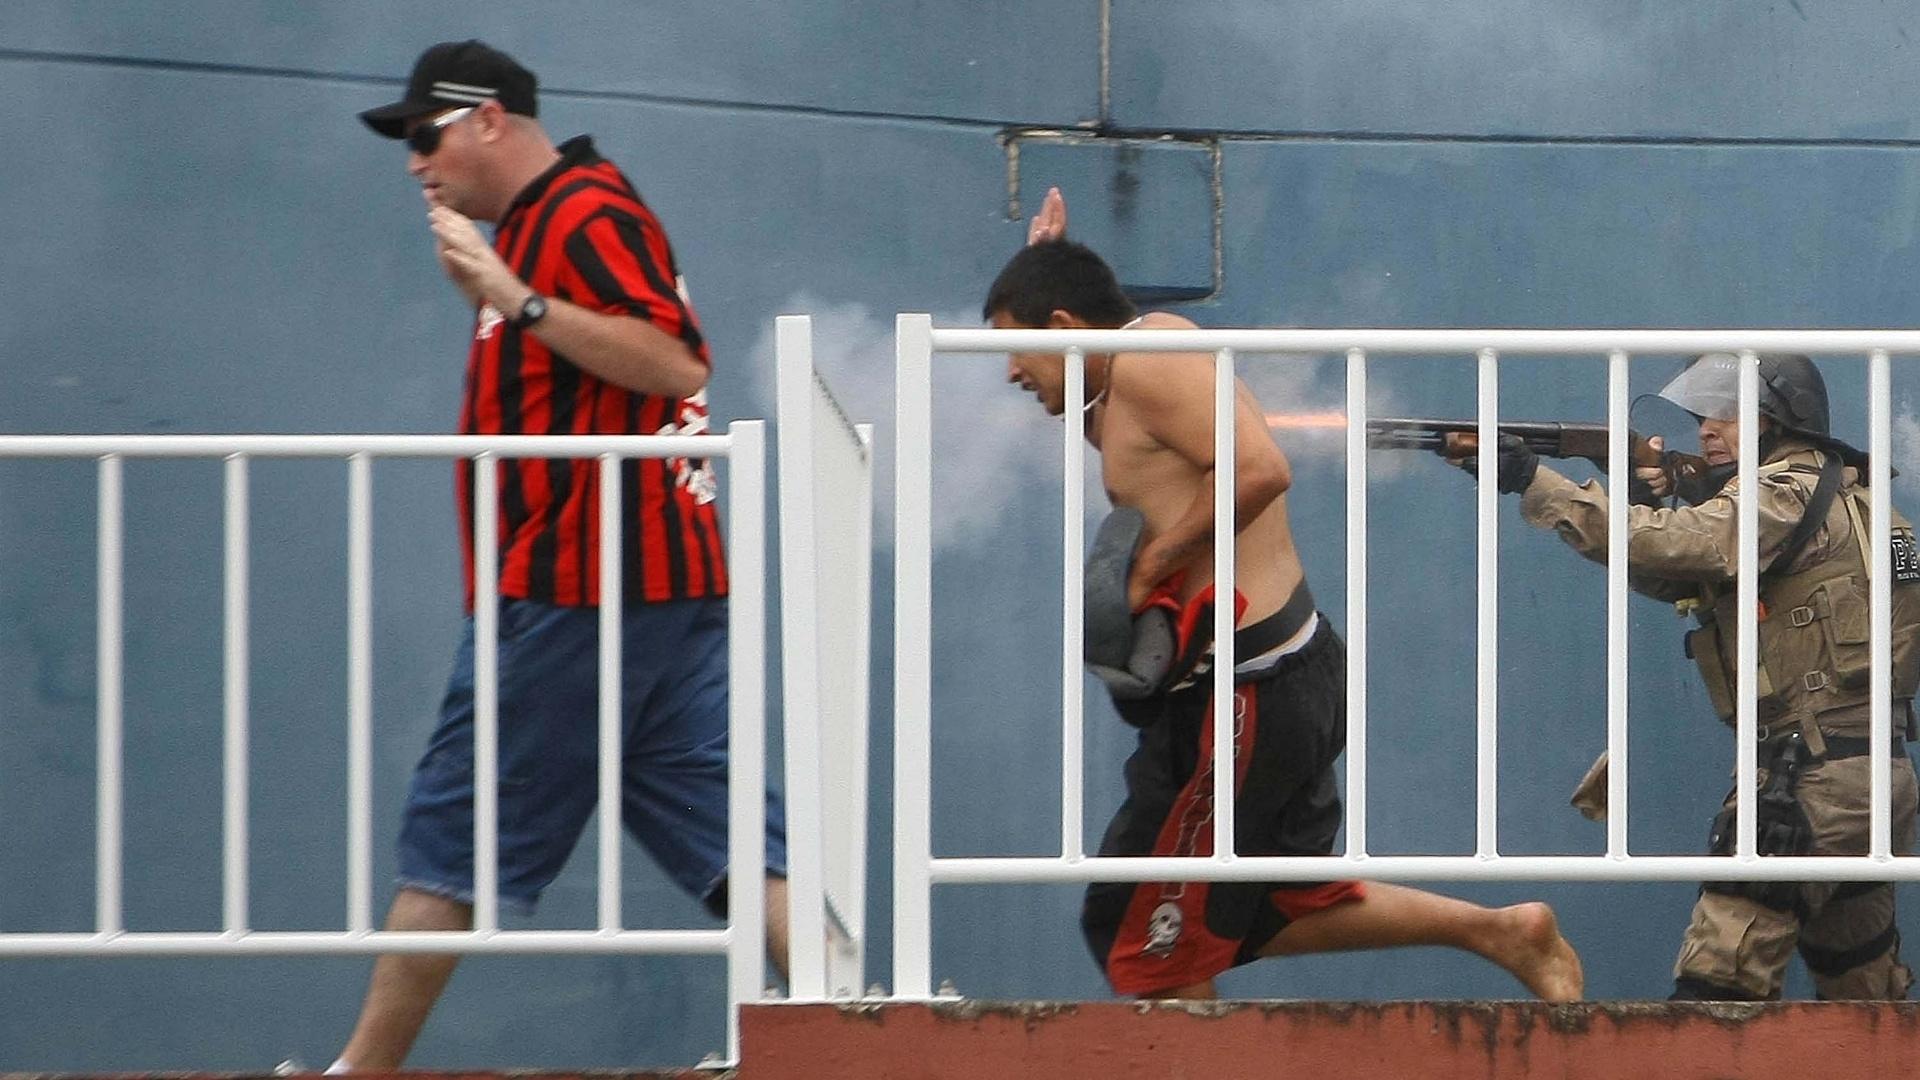 Policial dispara na tentativa de separar torcedores de Atlético-PR x Vasco